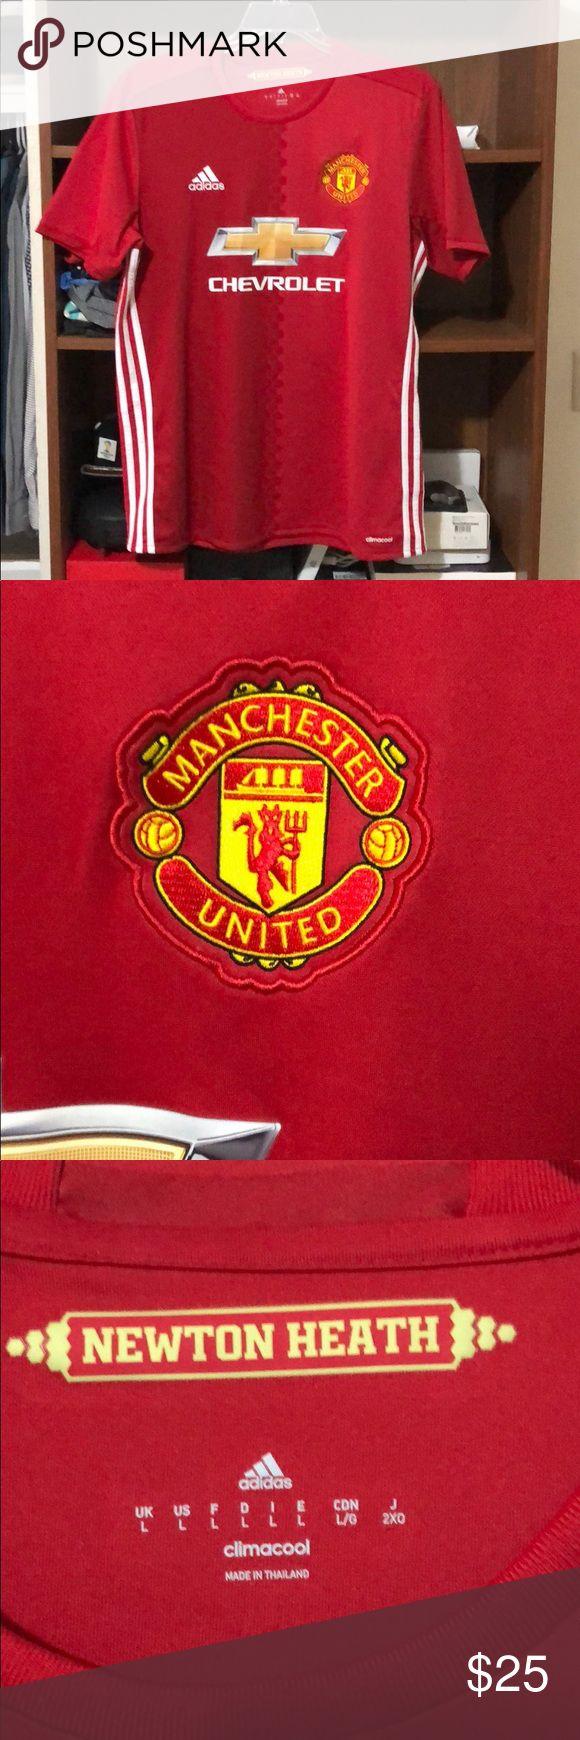 camiseta manchester united 2017